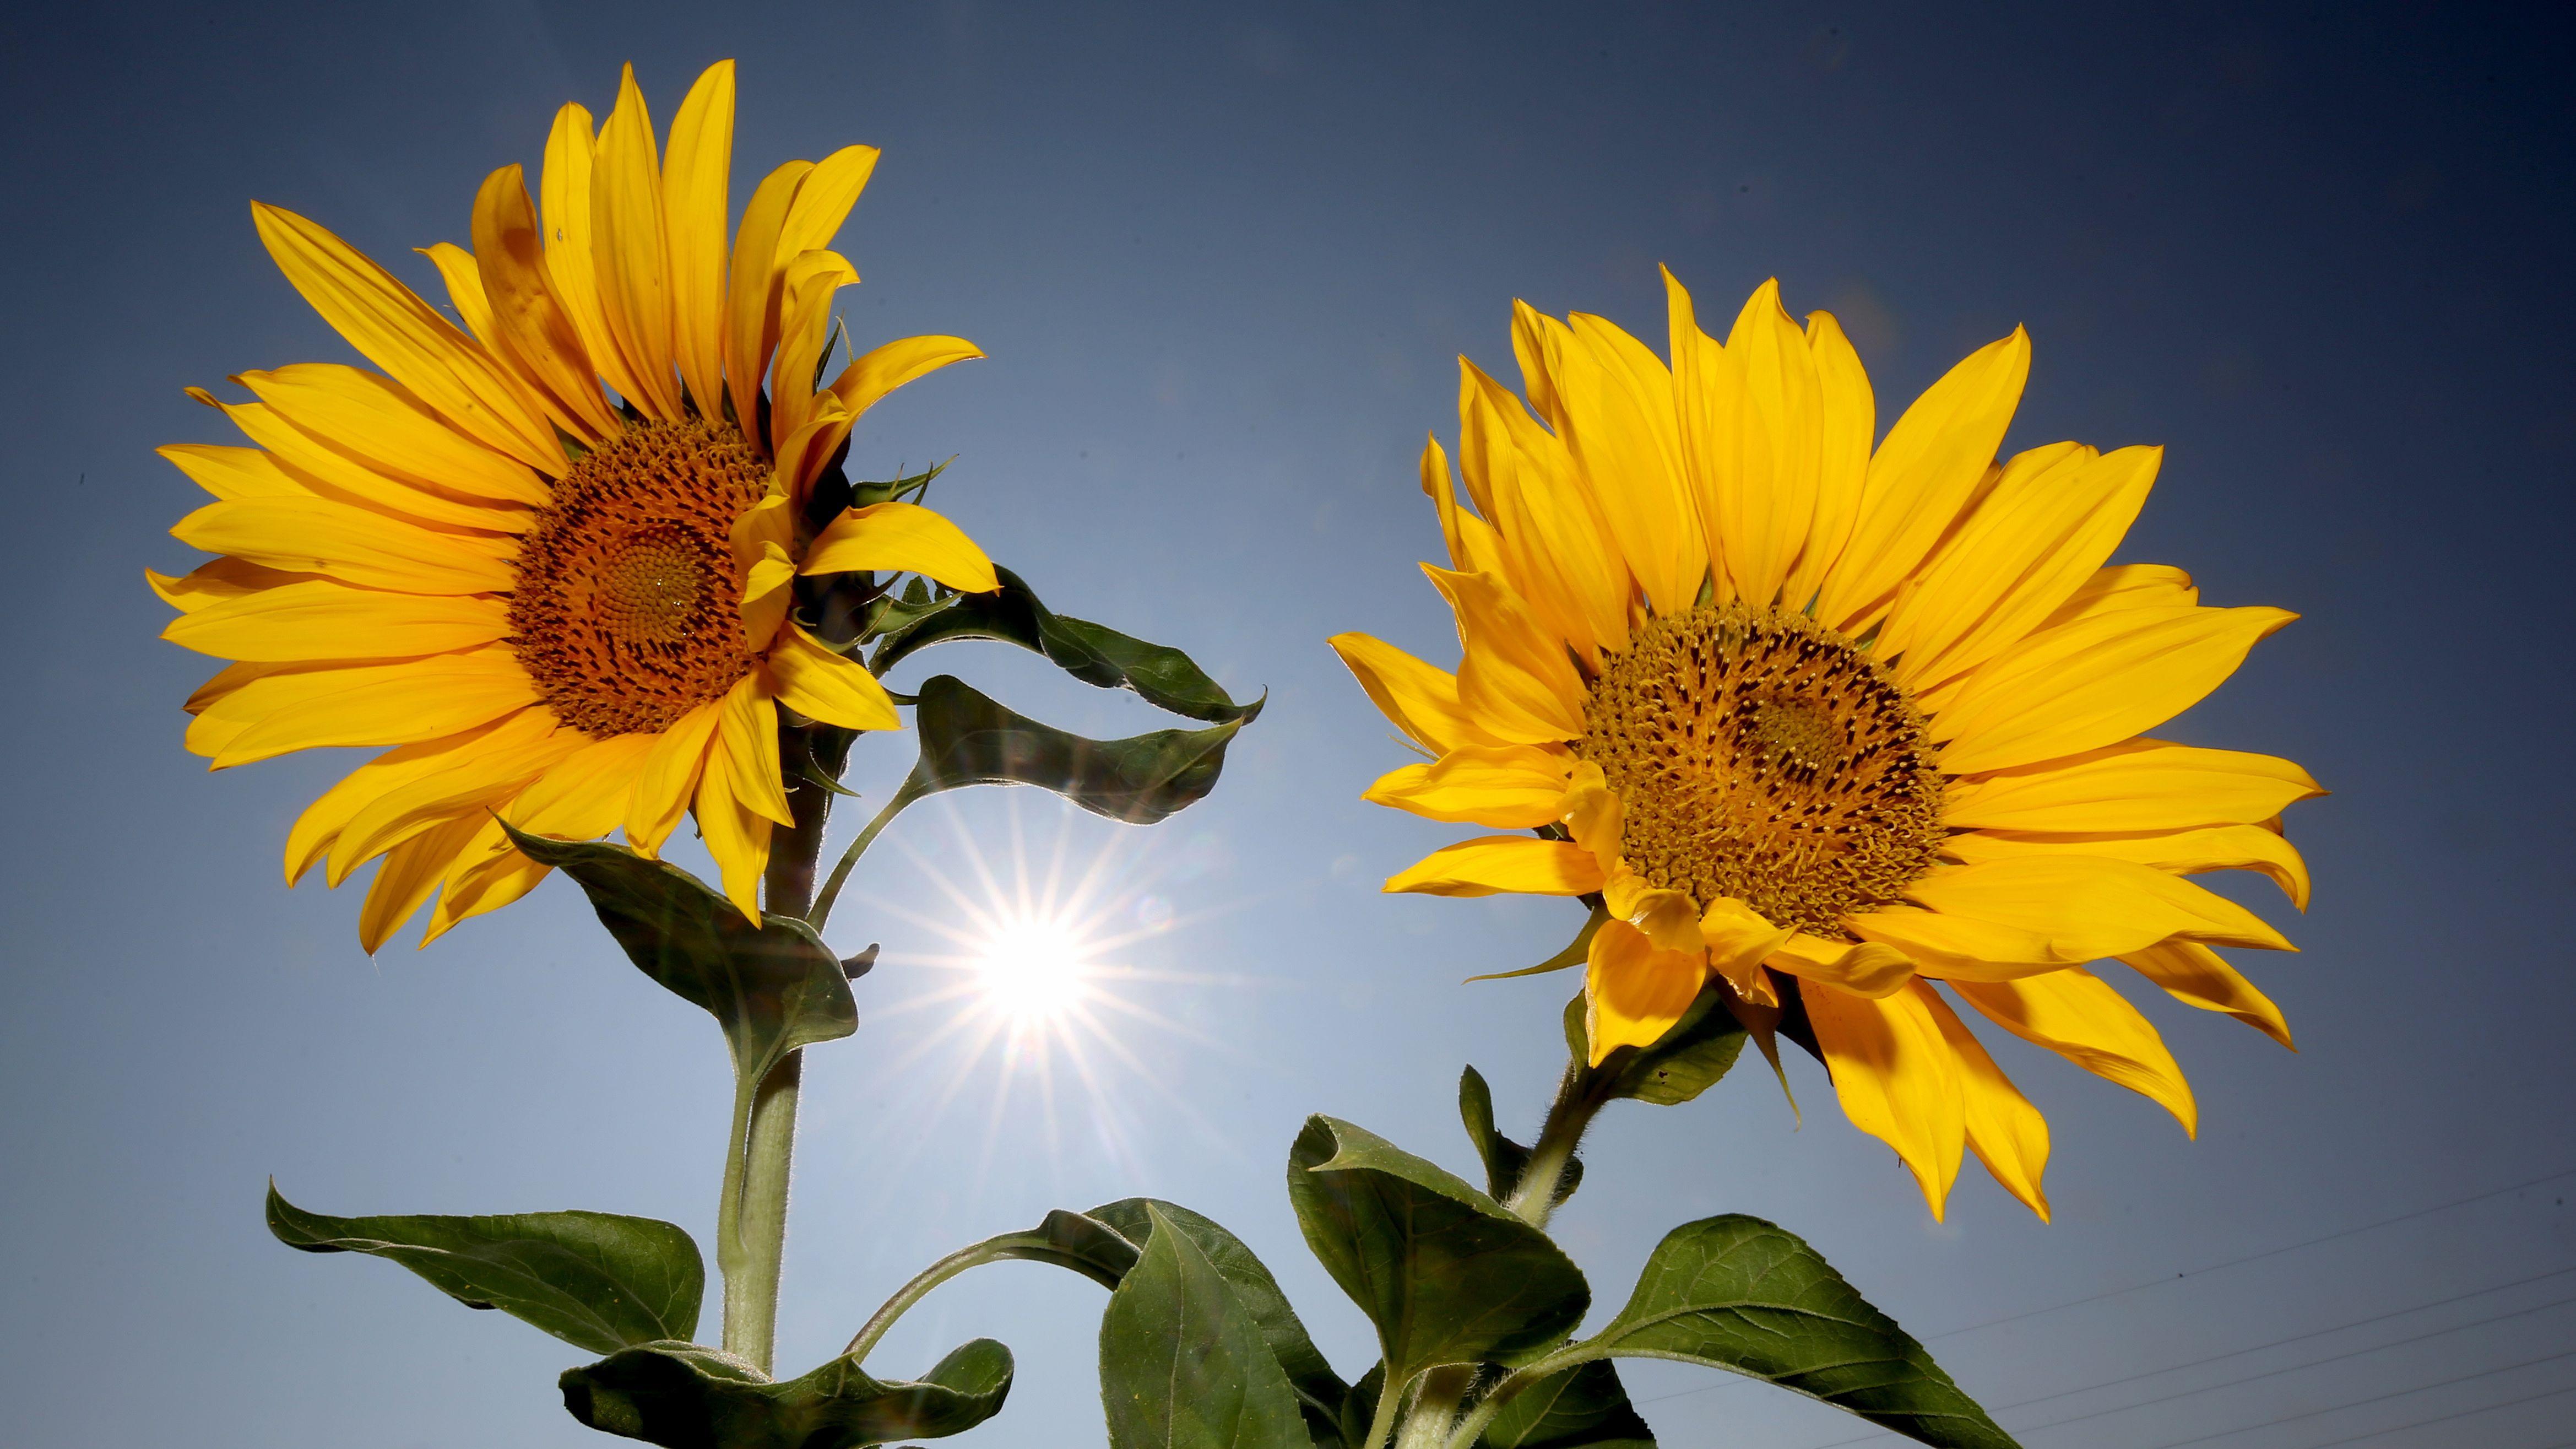 Sonnenblumen stehen bei strahlendem Sonnenschein auf einer Wiese.